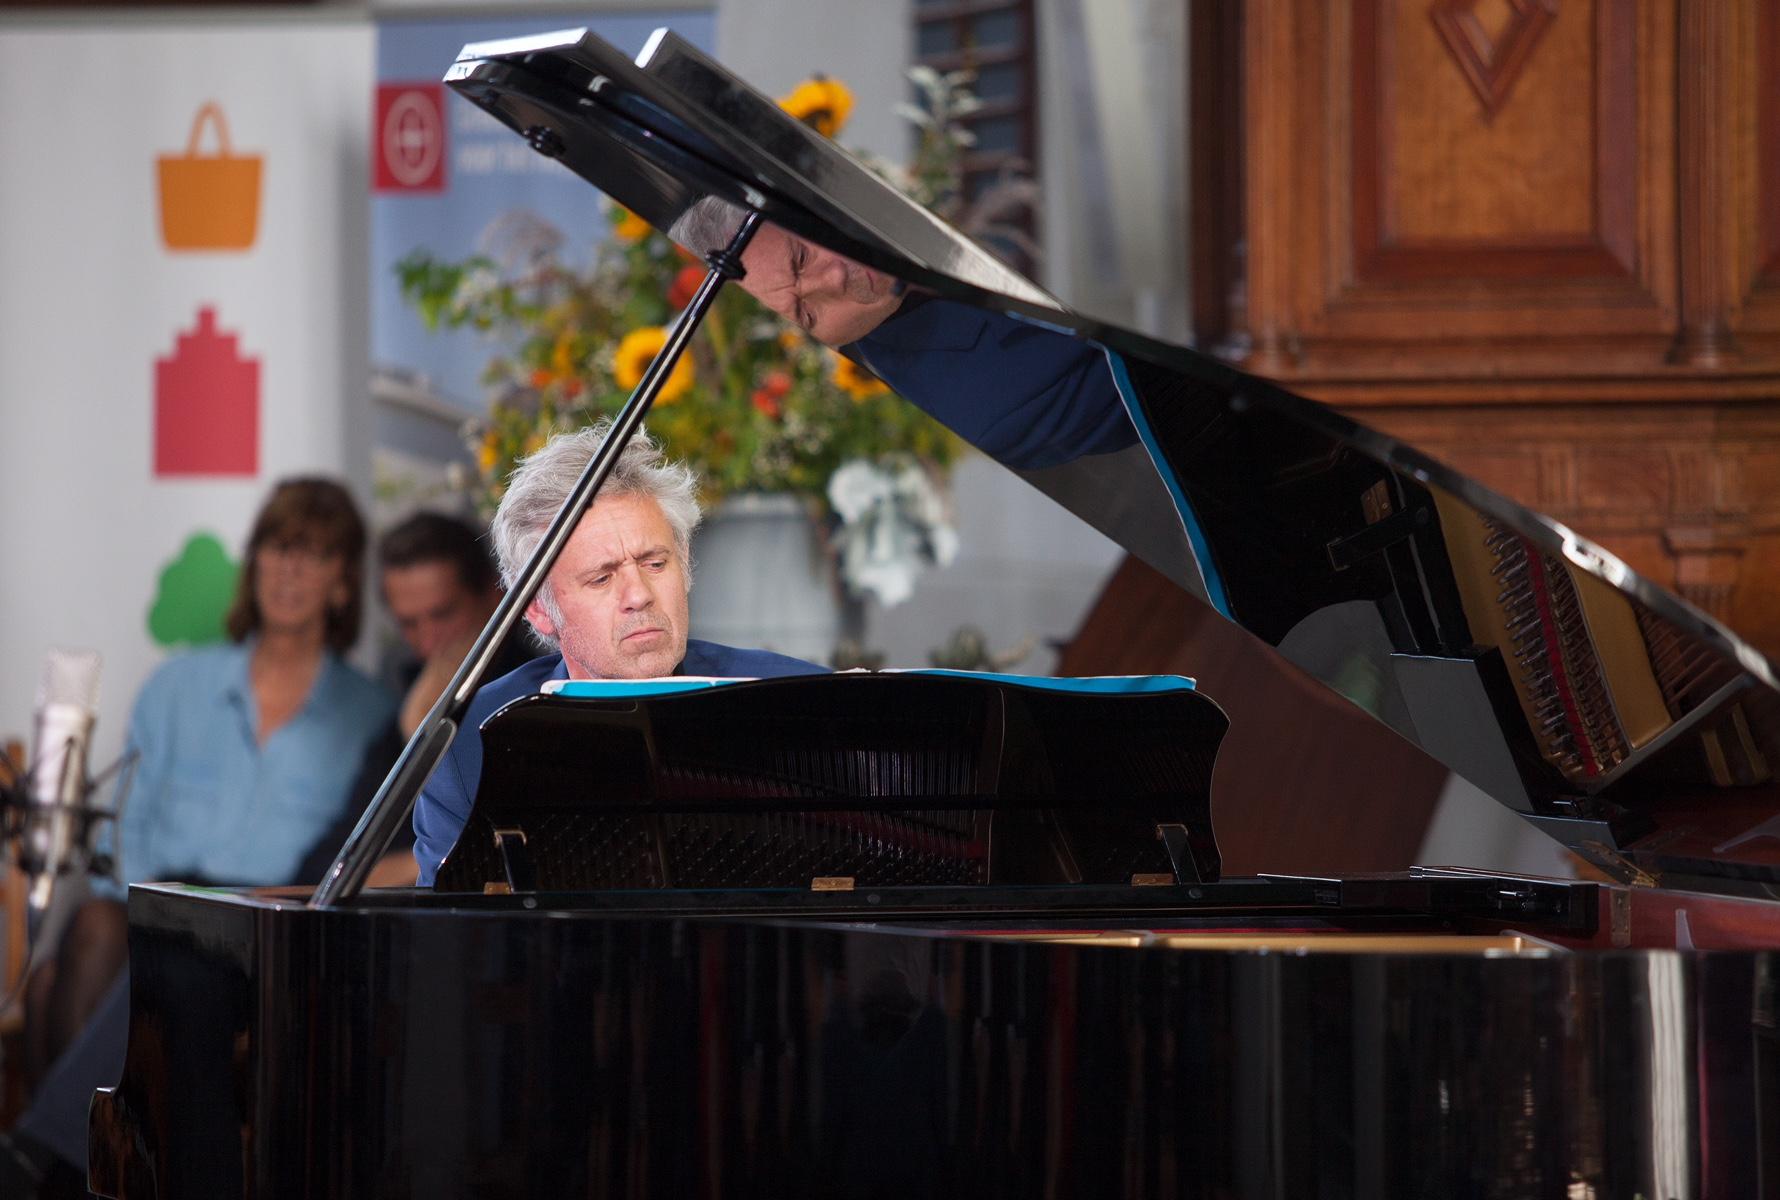 Voorburg, 9 september 2018 Huygens festival Optreden van Ivo Janssen in de oude Kerk te Voorburg